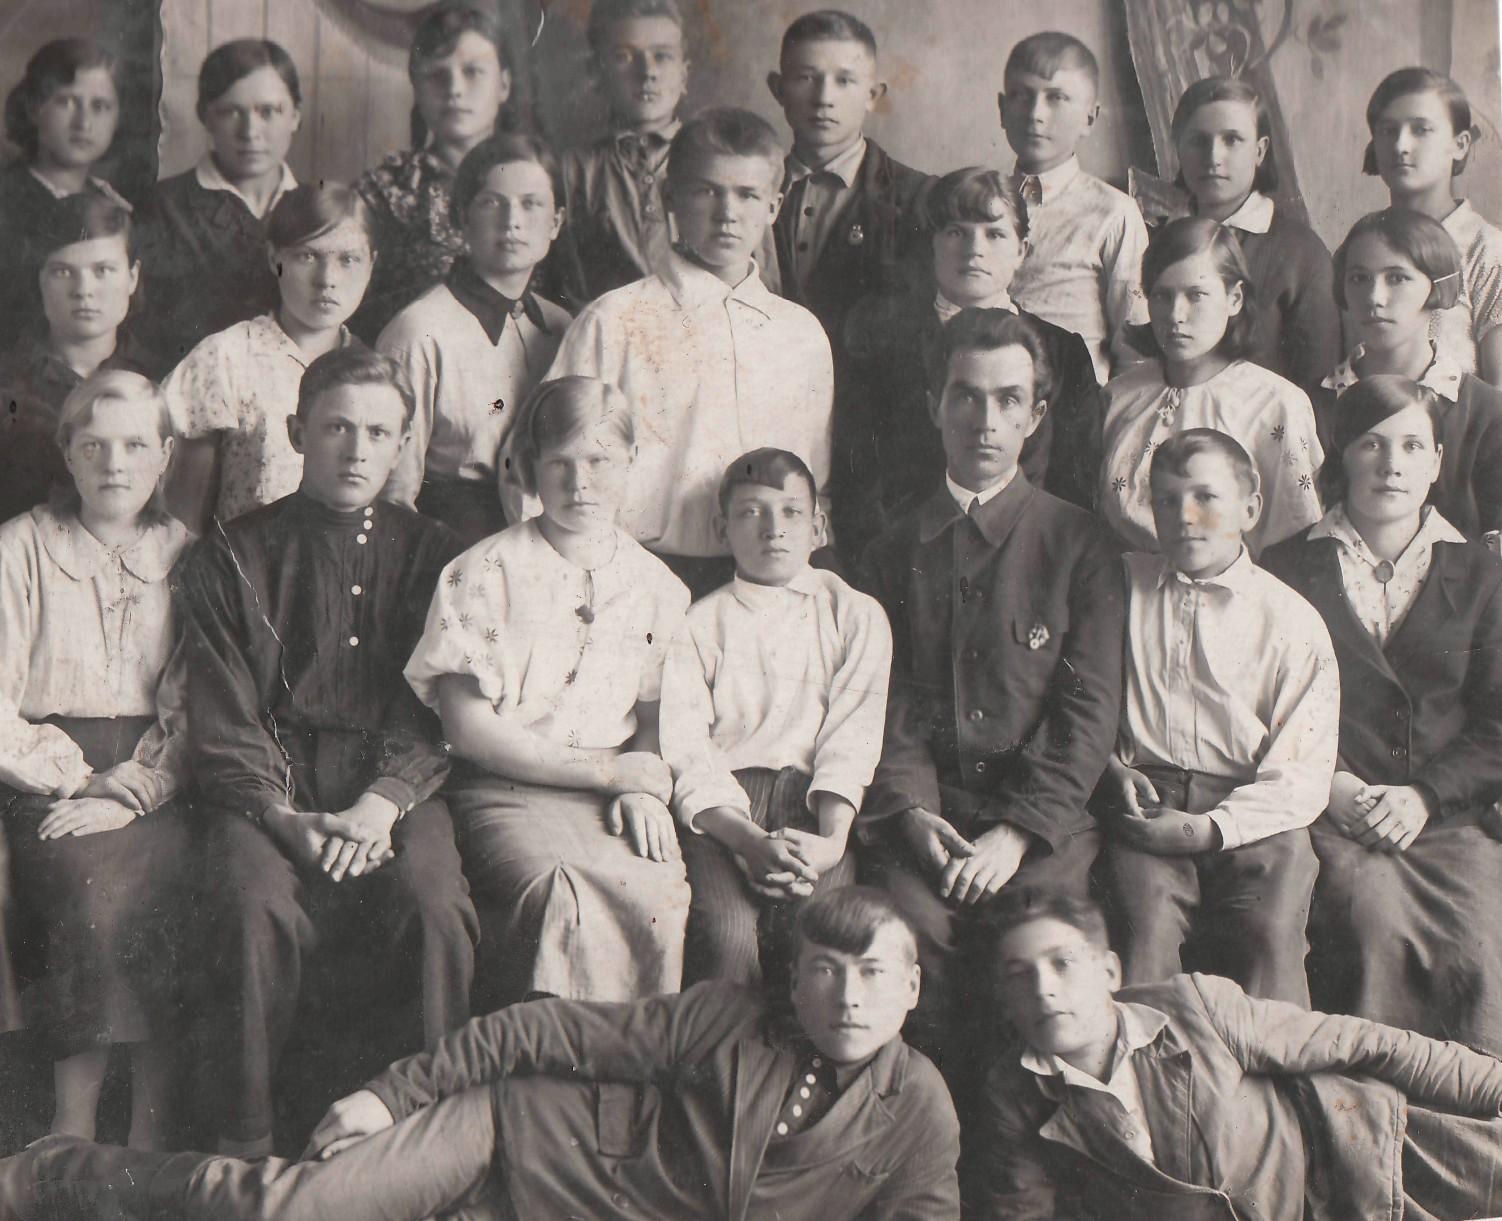 1939 г. Группа учащихся Уржумского зооветтехникума. Яков Урванцев - третий справа в верхнем ряду